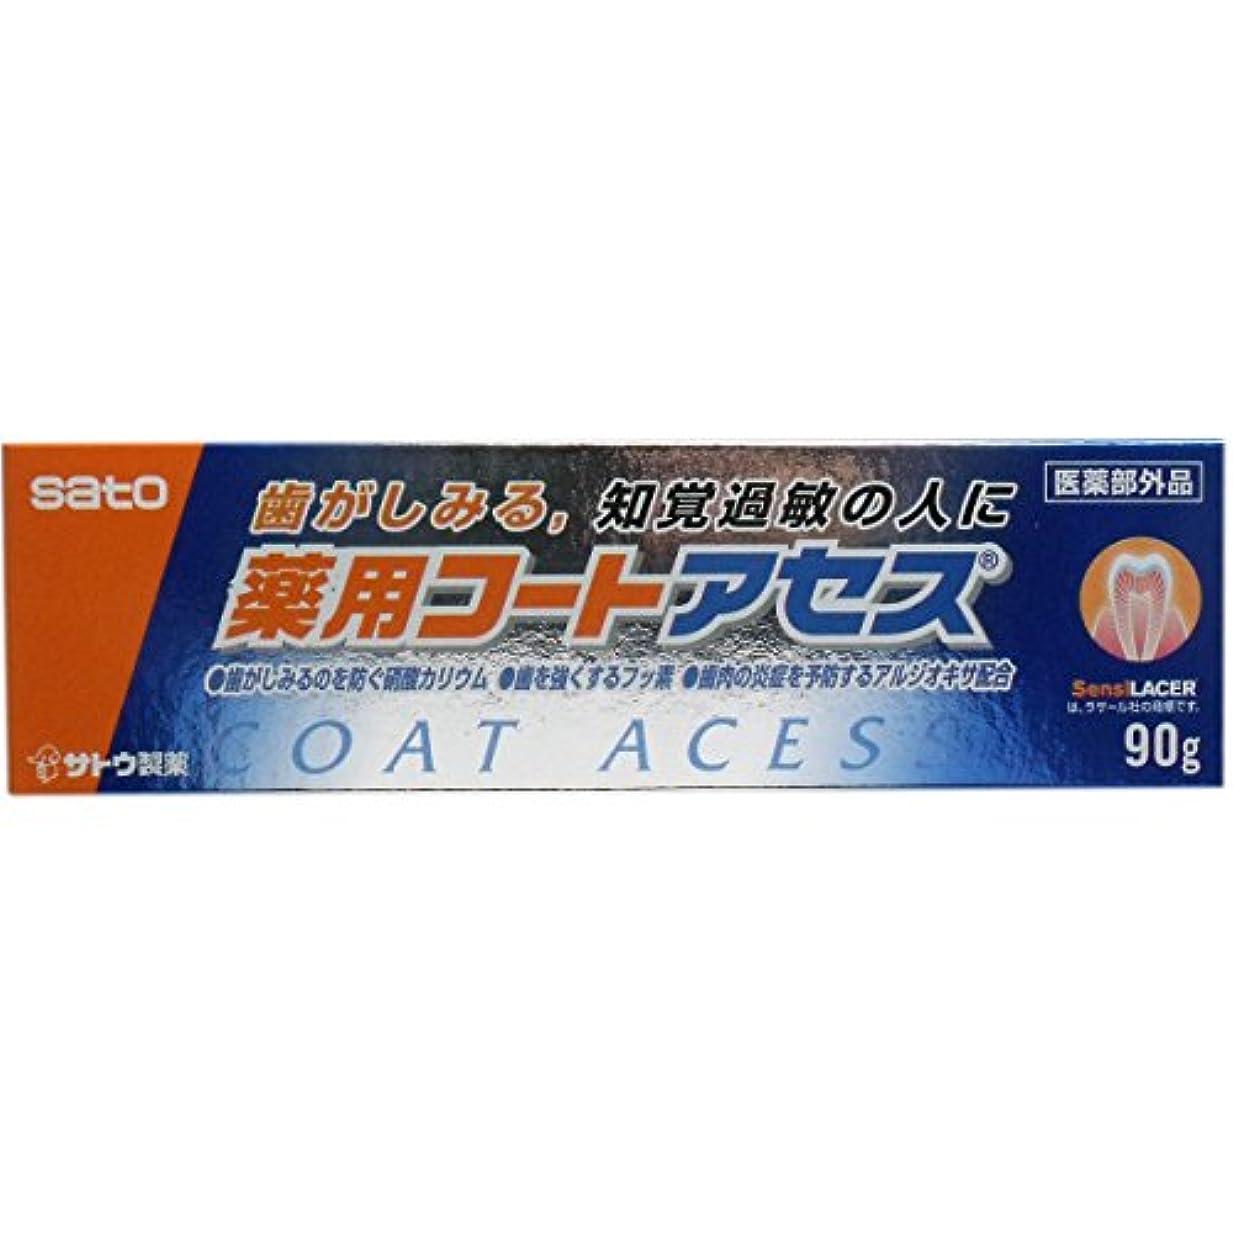 によって正当な合併症サトウ製薬 薬用コートアセス 薬用歯みがき 90g ×6個セット